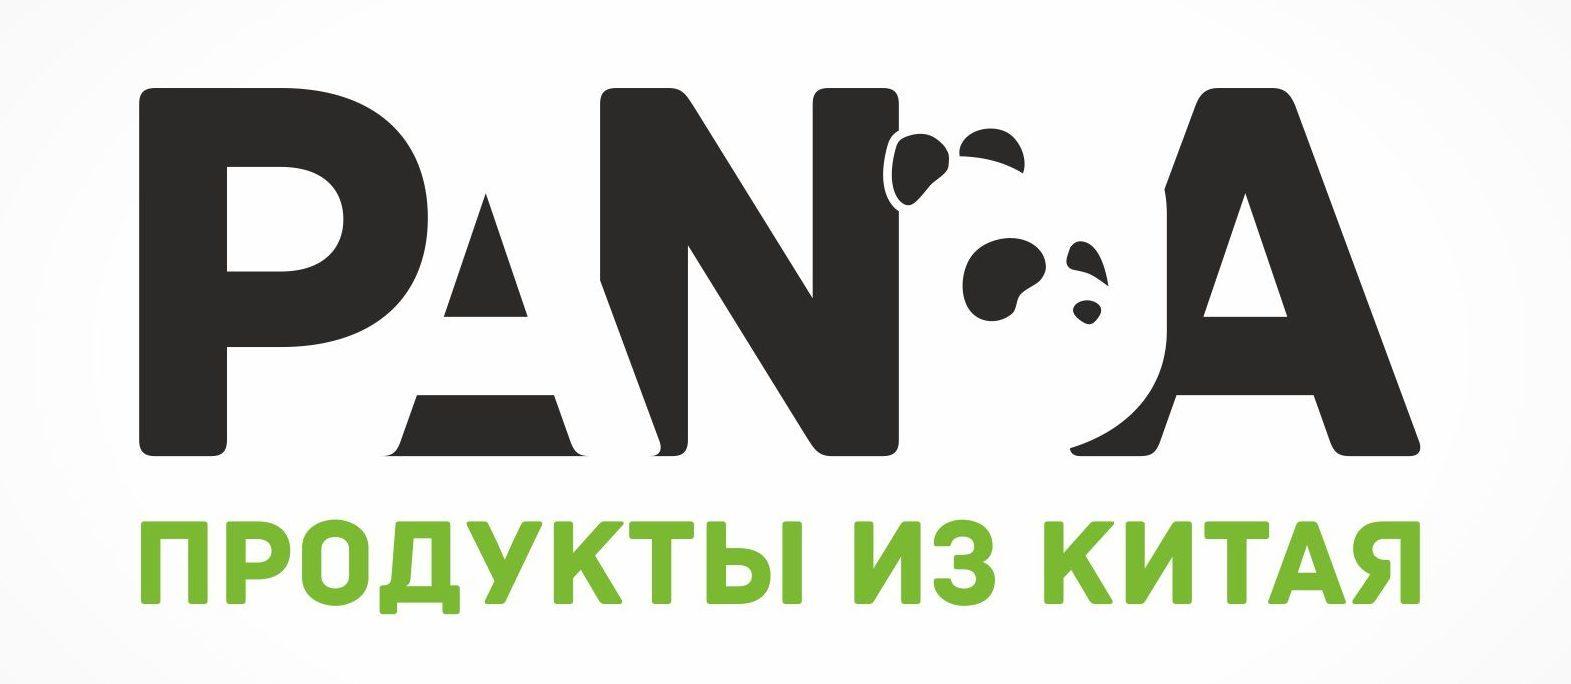 Панда. Продукты из Китая